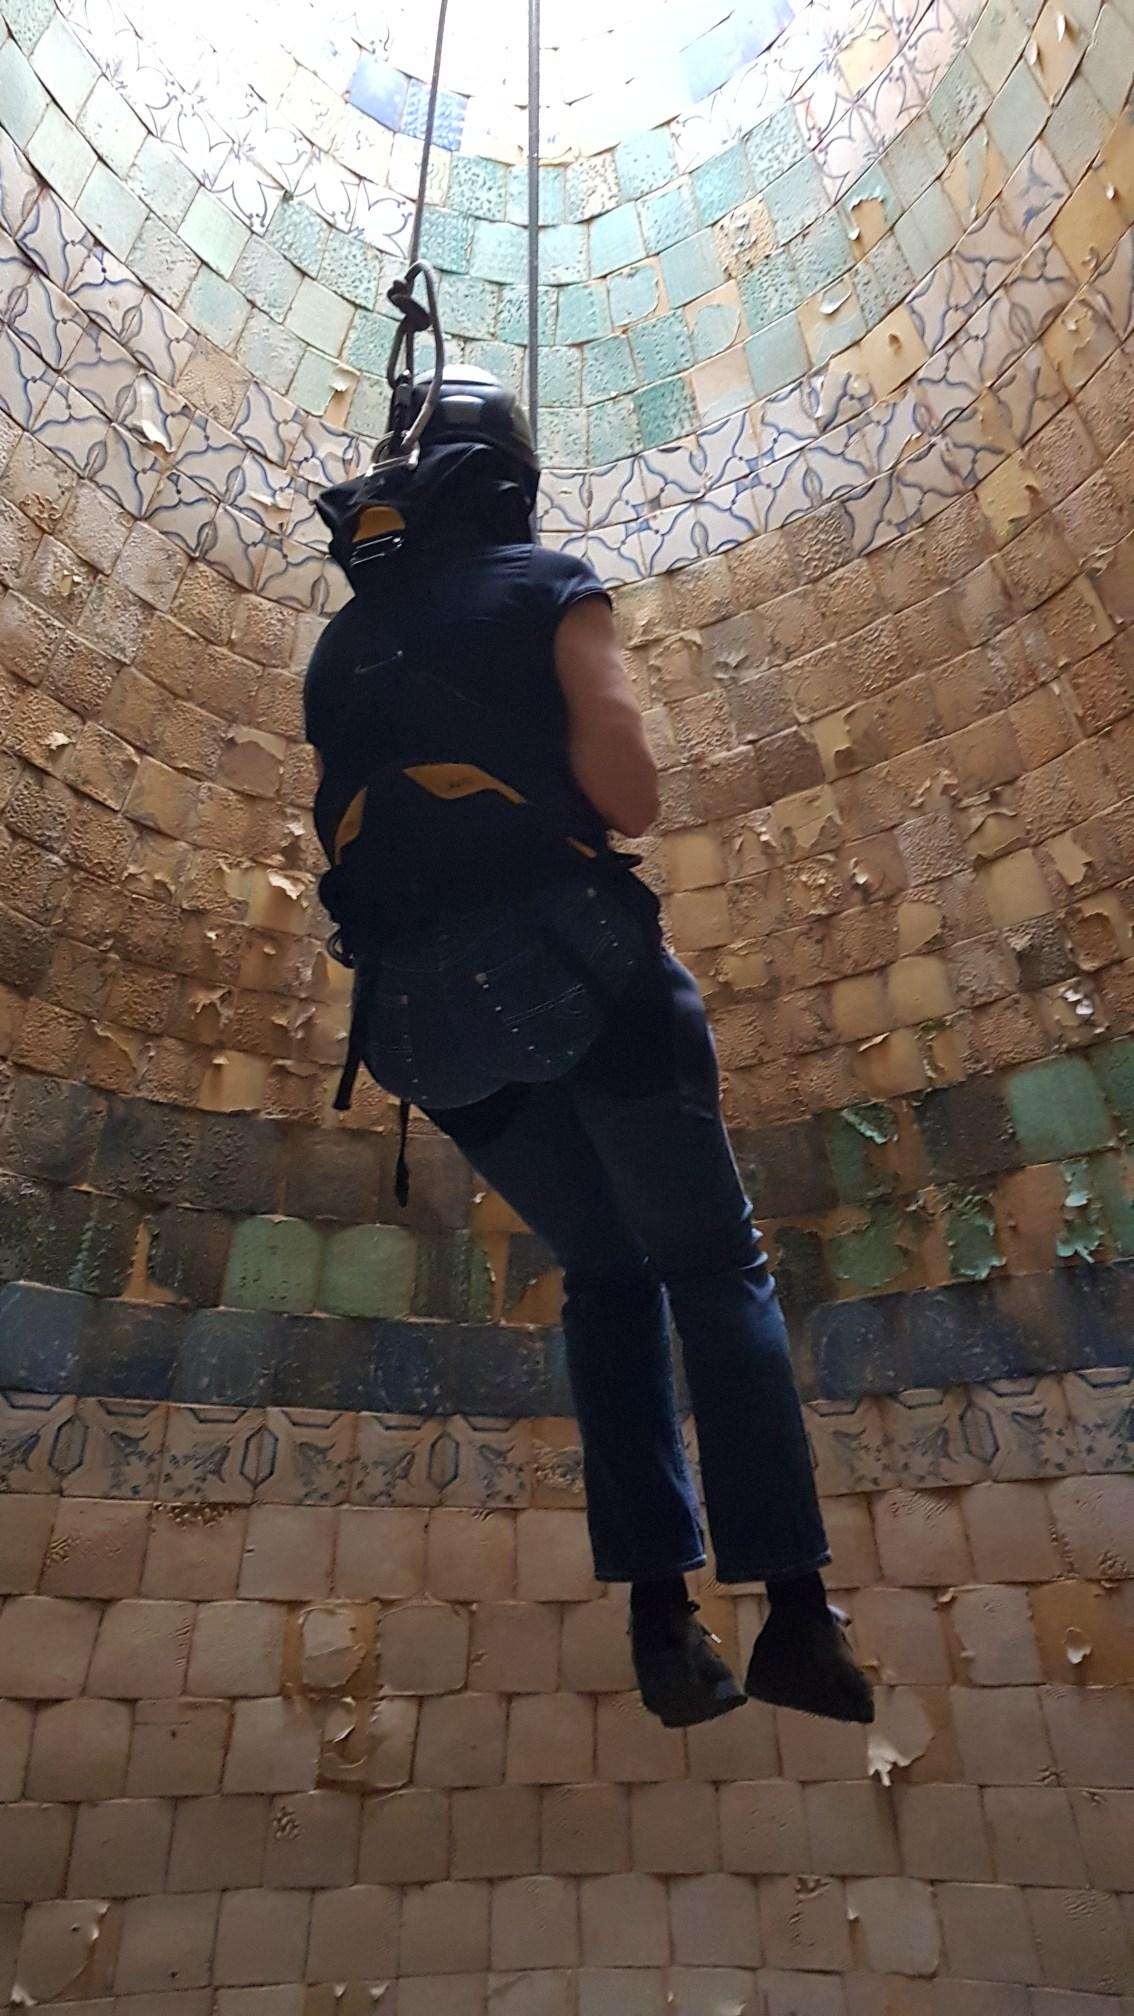 Descens amb arnès al dipòsit facilitat per la Unitat de Subsòl dels Mossos d'Esquadra. Foto: SABCN